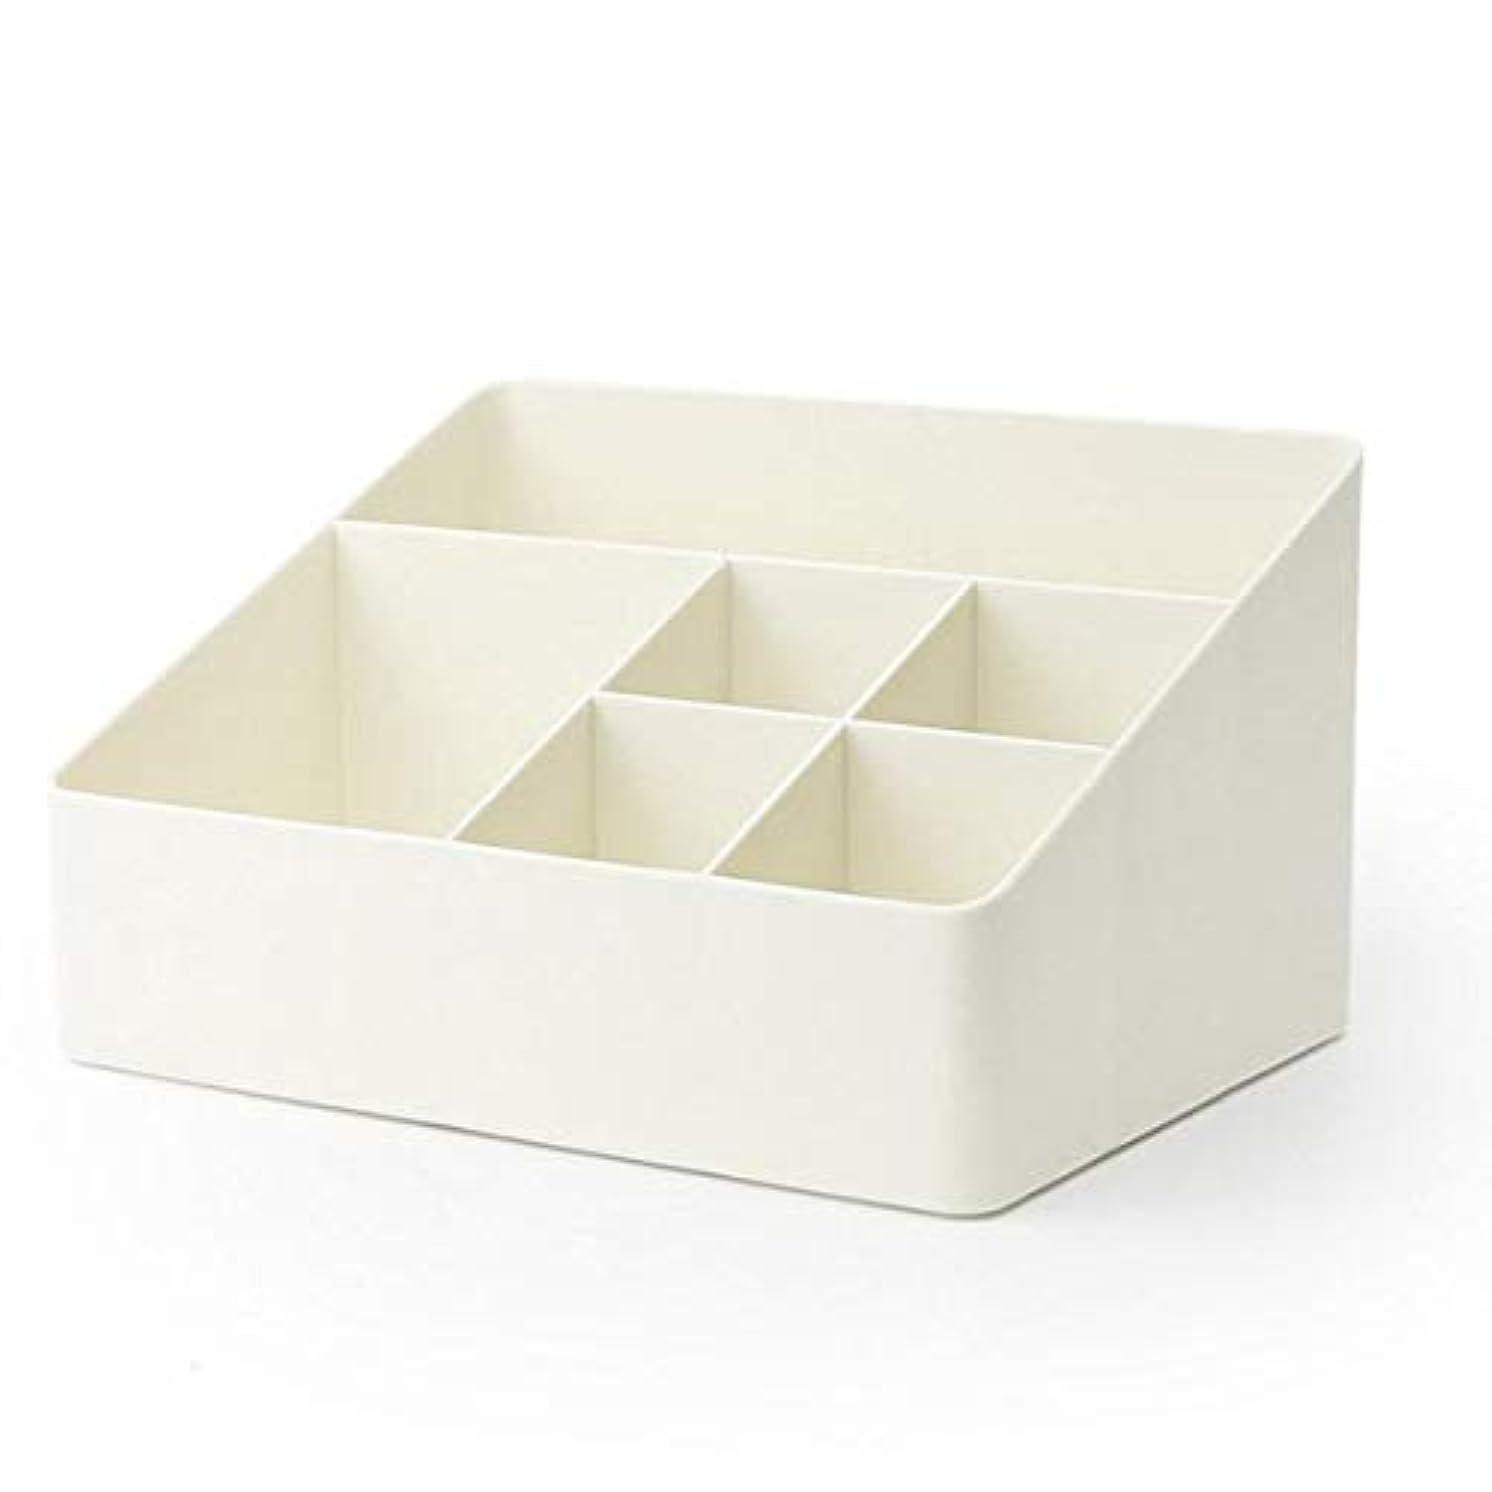 邪悪な任意焦げBlackfell 簡単な6グリッドプラスチック収納ボックス収納用クリーニングcasefor家庭用